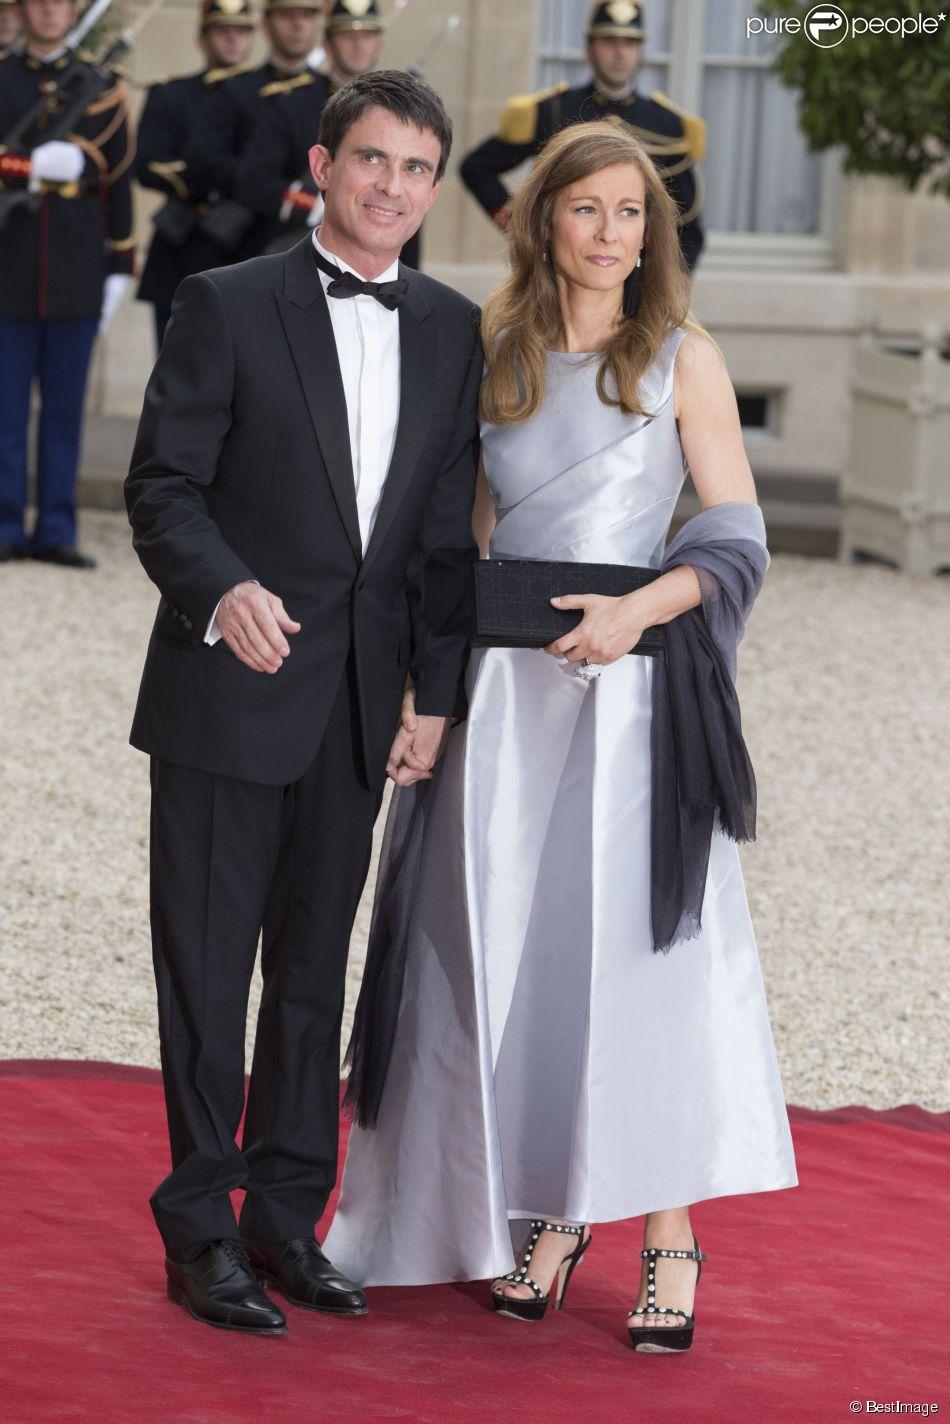 Manuel Valls et sa femme Anne Gravoin lors du banquet à l'Elysée donné en l'honneur de la reine Elizabeth II, Paris, le 6 juin 2014.